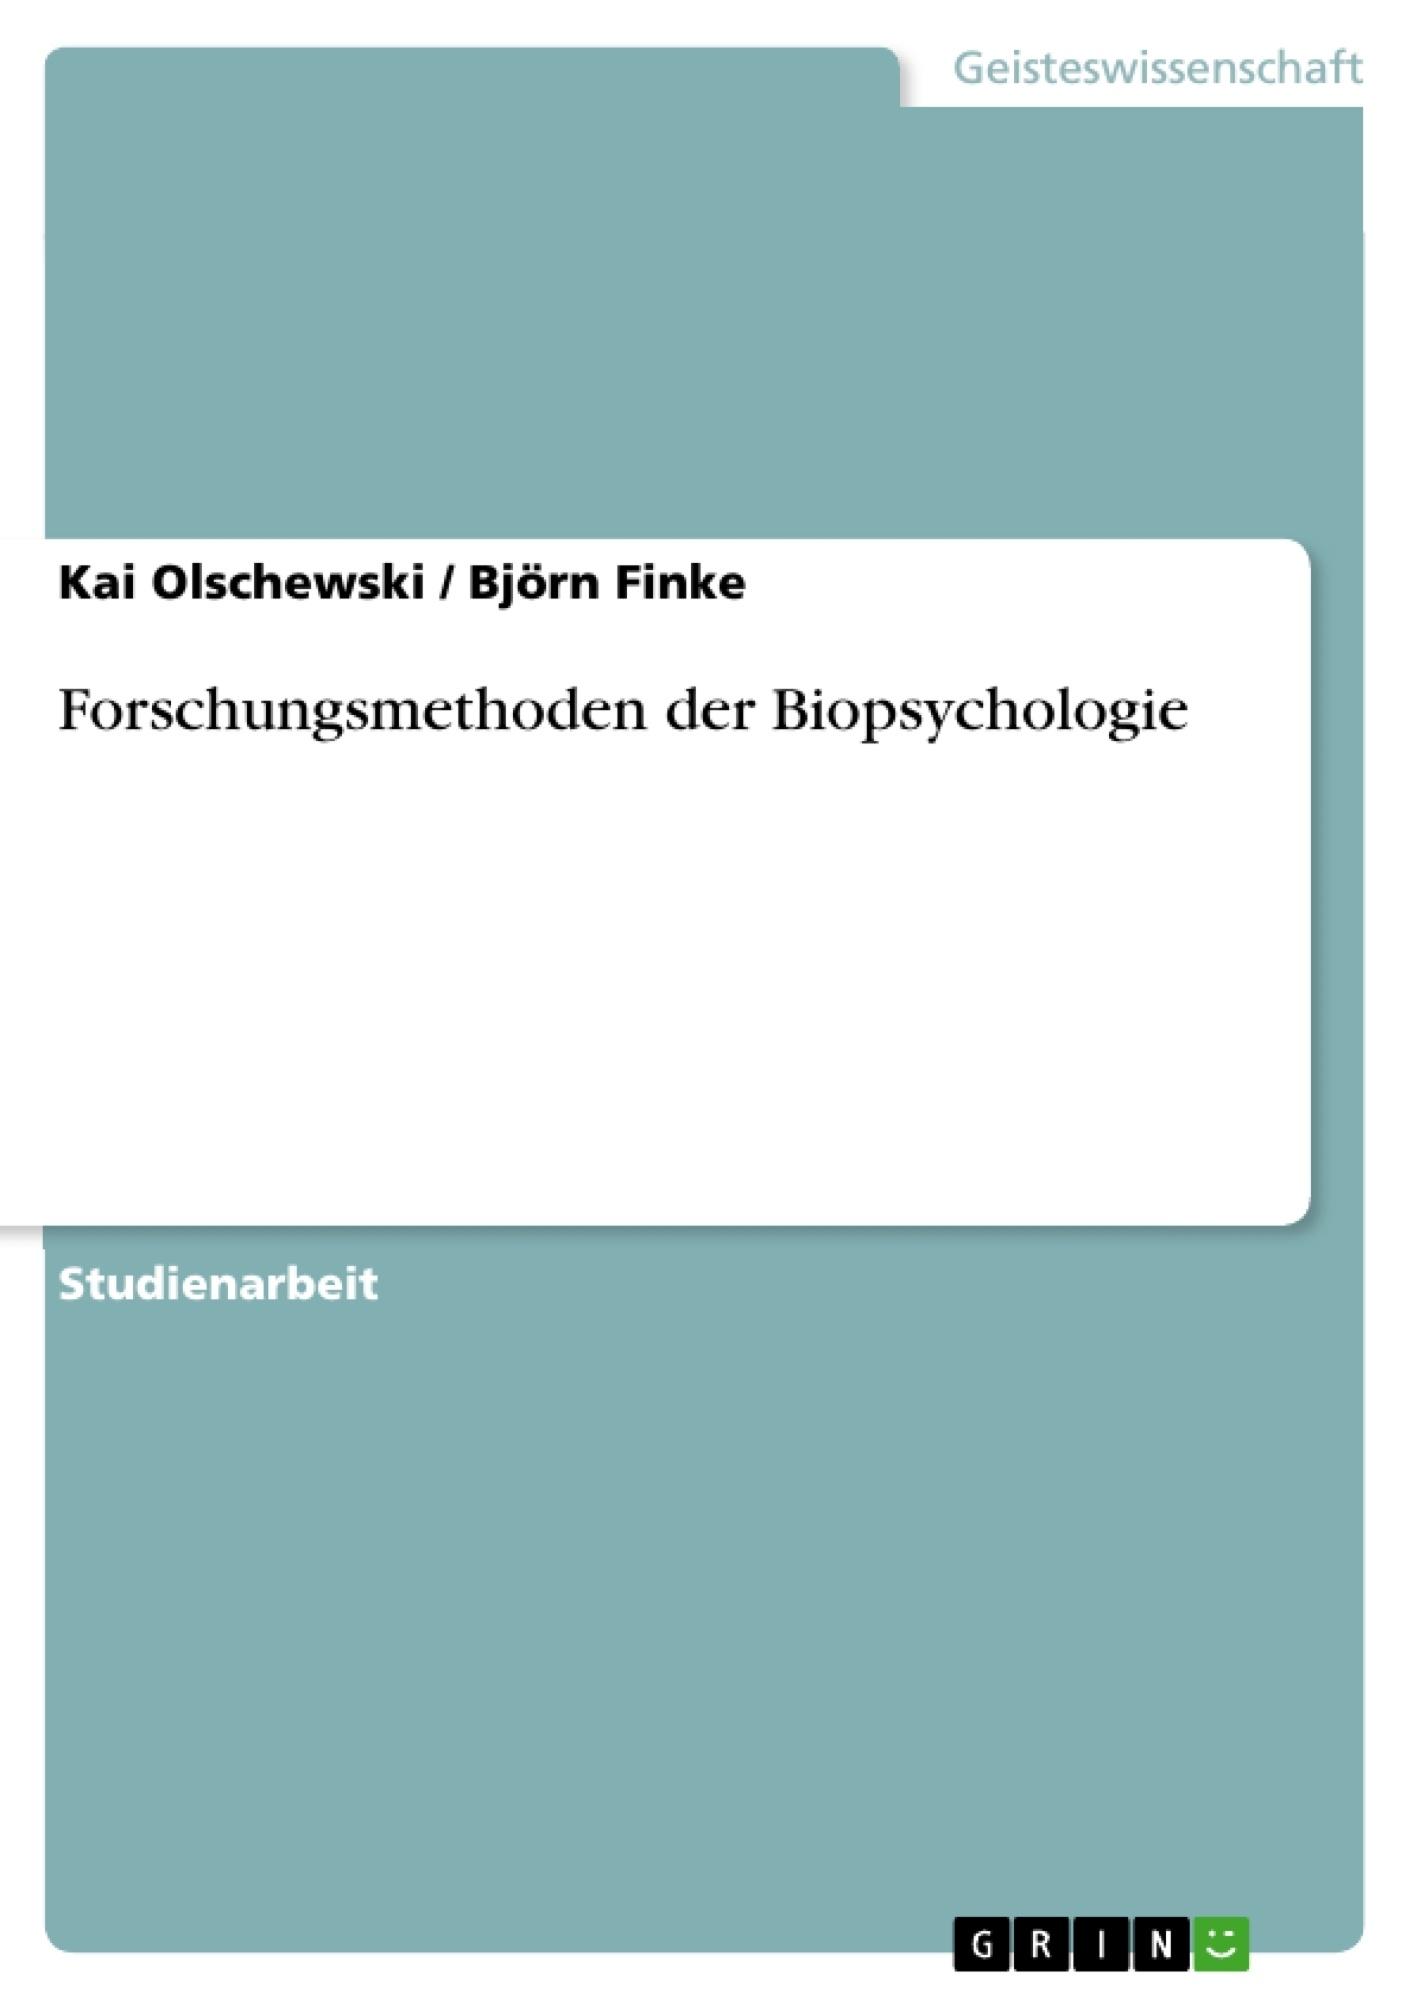 Titel: Forschungsmethoden der Biopsychologie